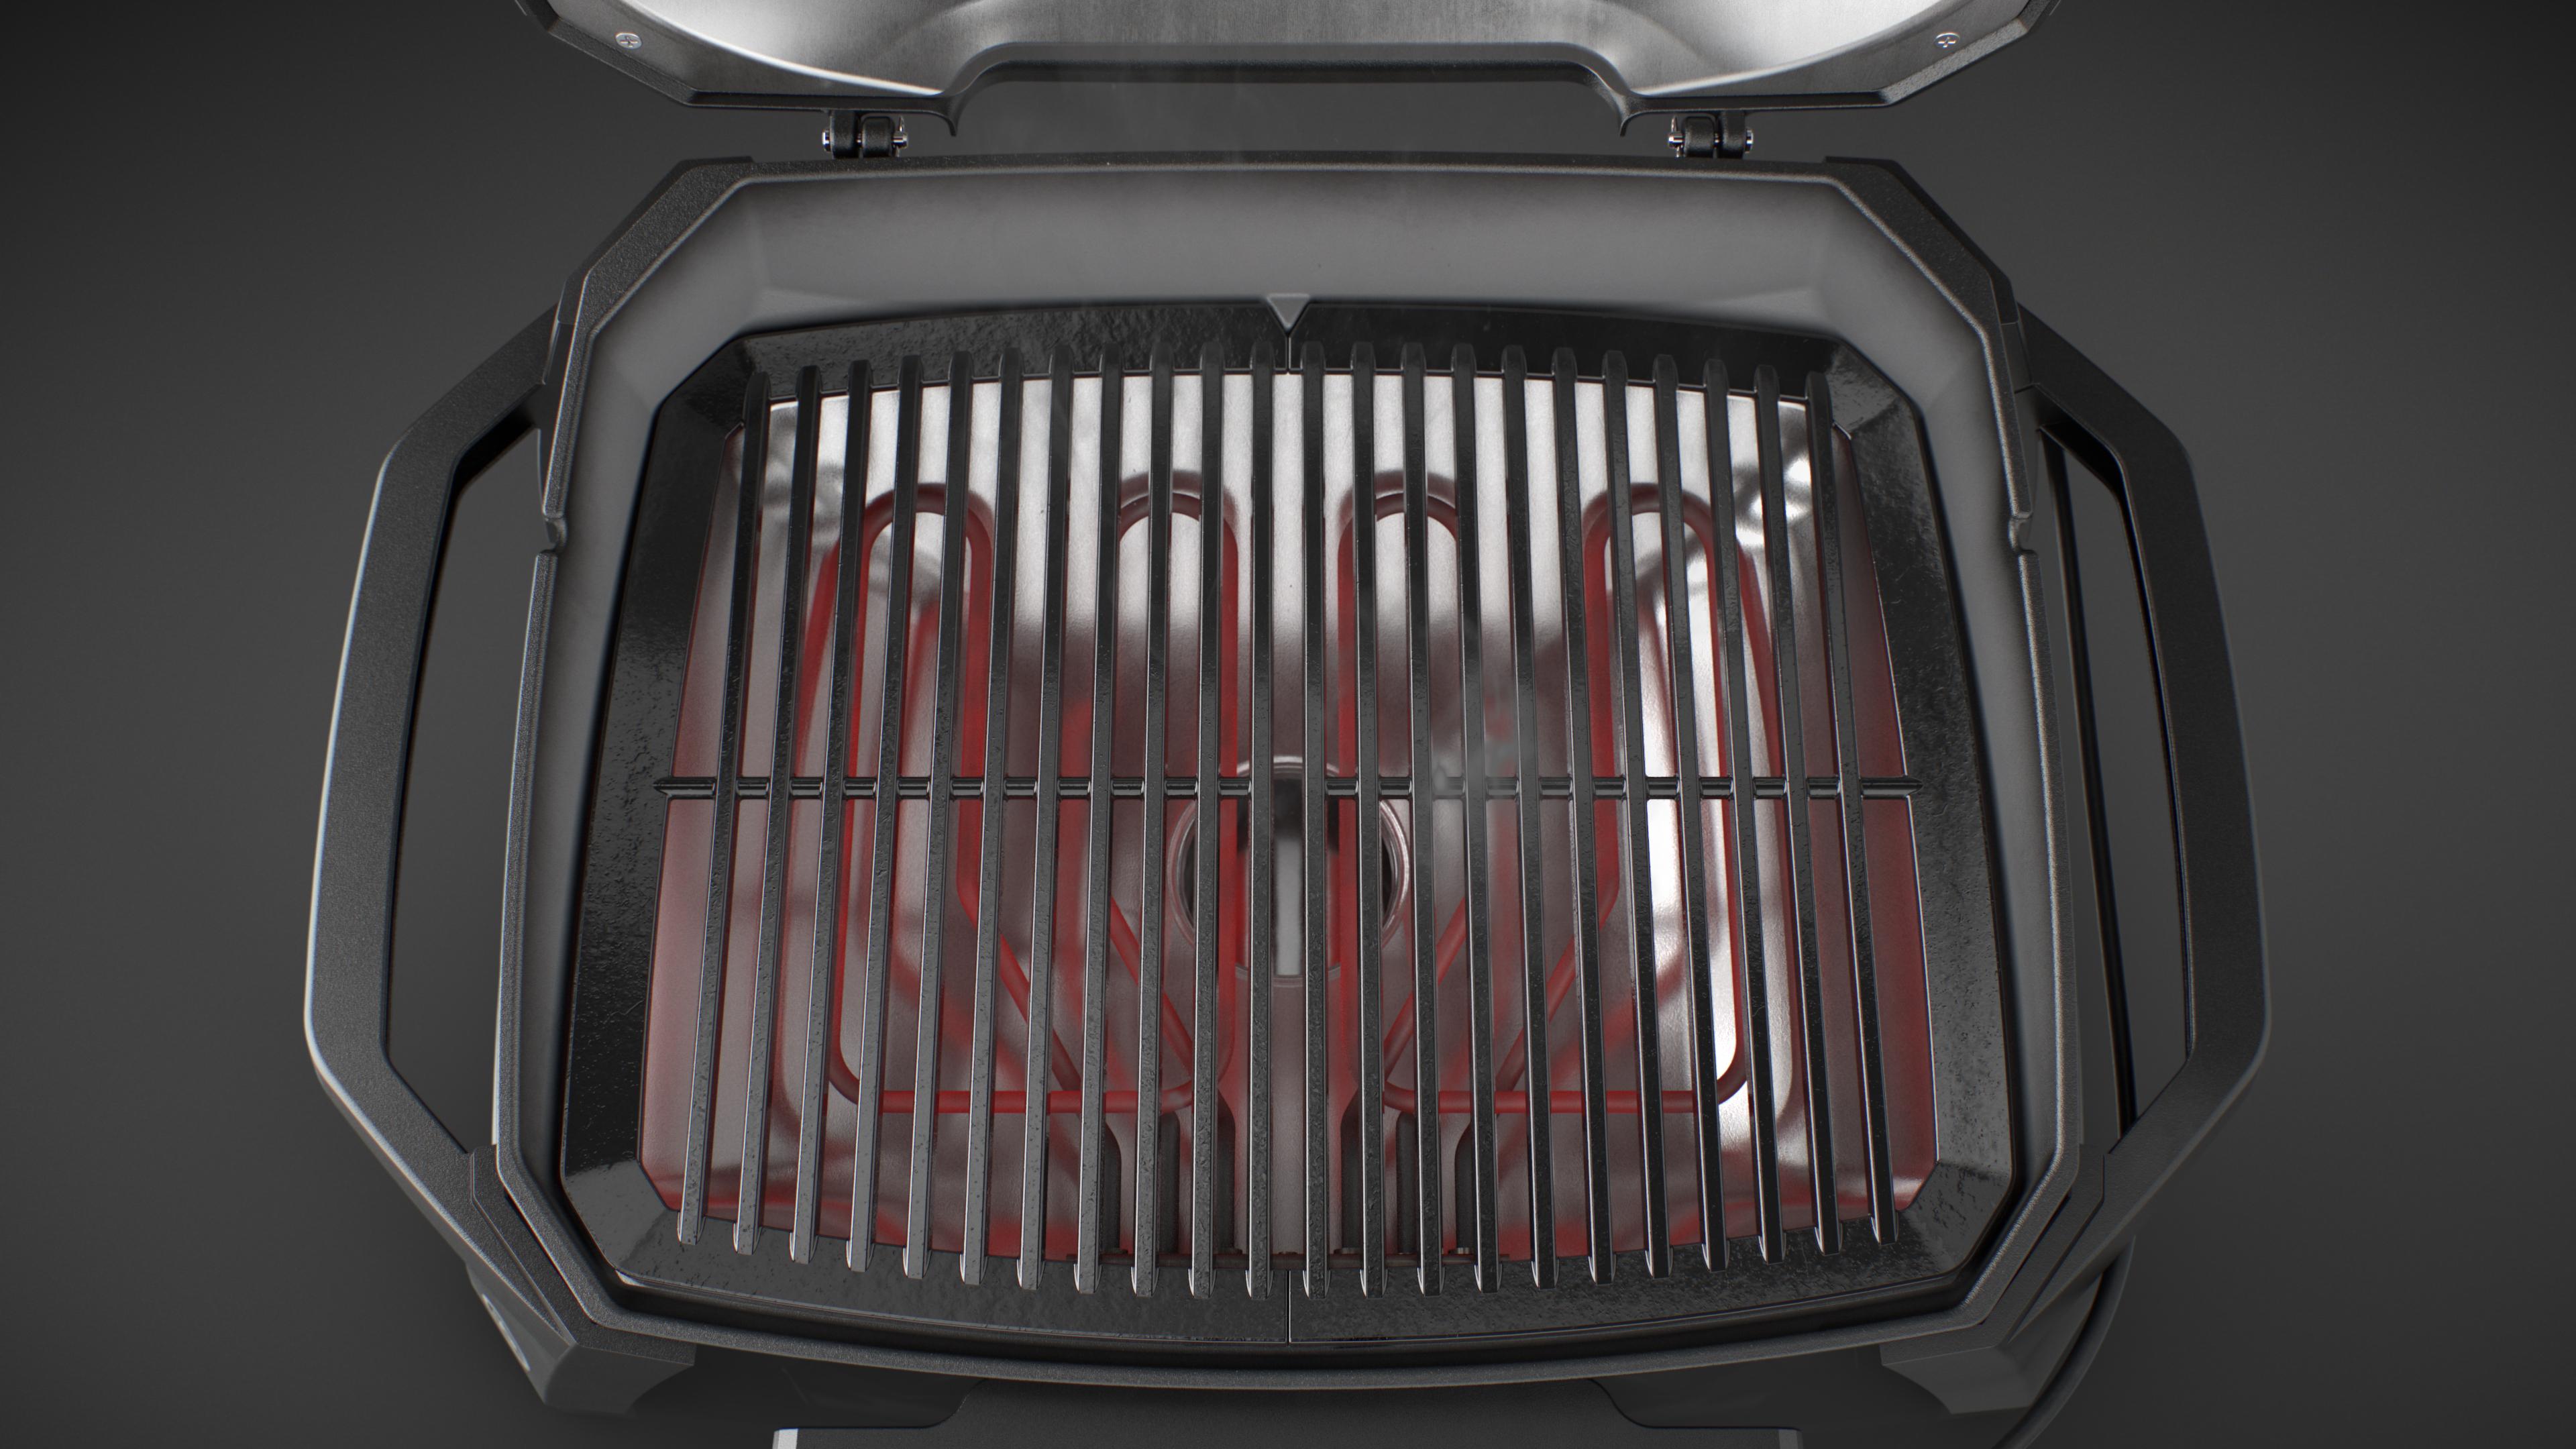 Weber Elektrogrill Pulse Mit Rollwagen : Weber pulse mit rollwagen elektrogrill ° bbq frankfurt